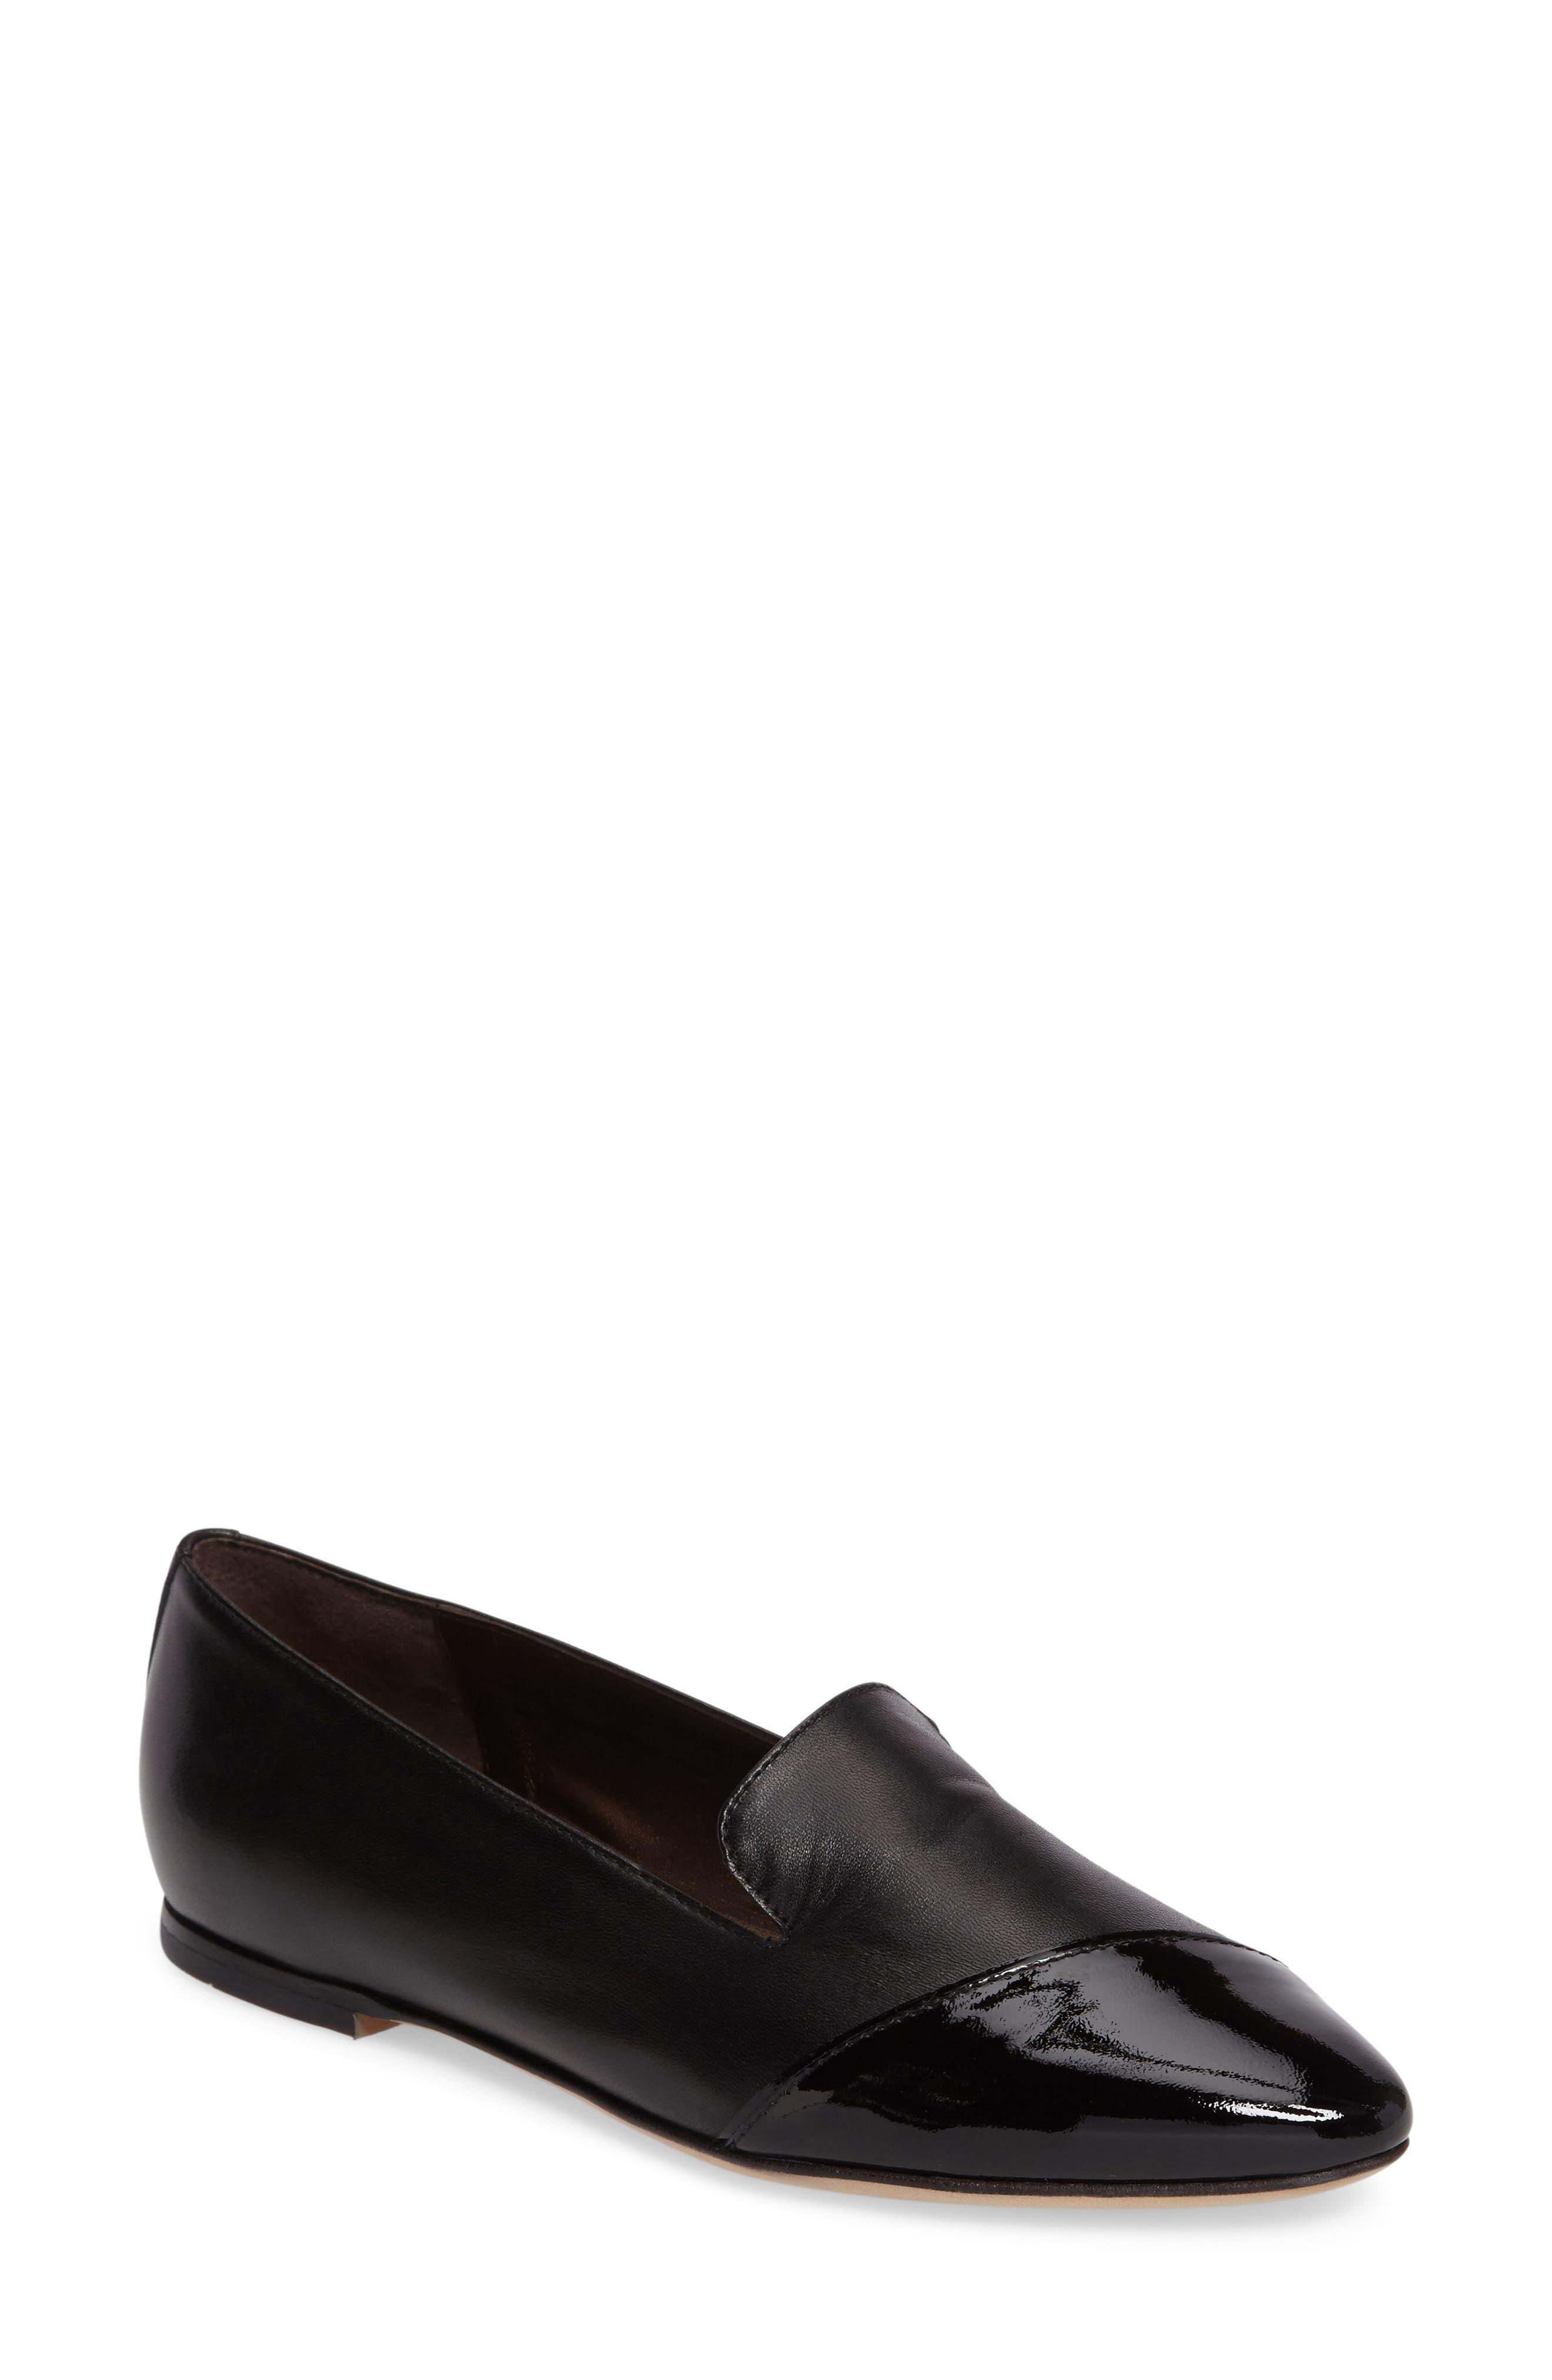 Asymmetrical Cap Toe Flat, Main, color, 001